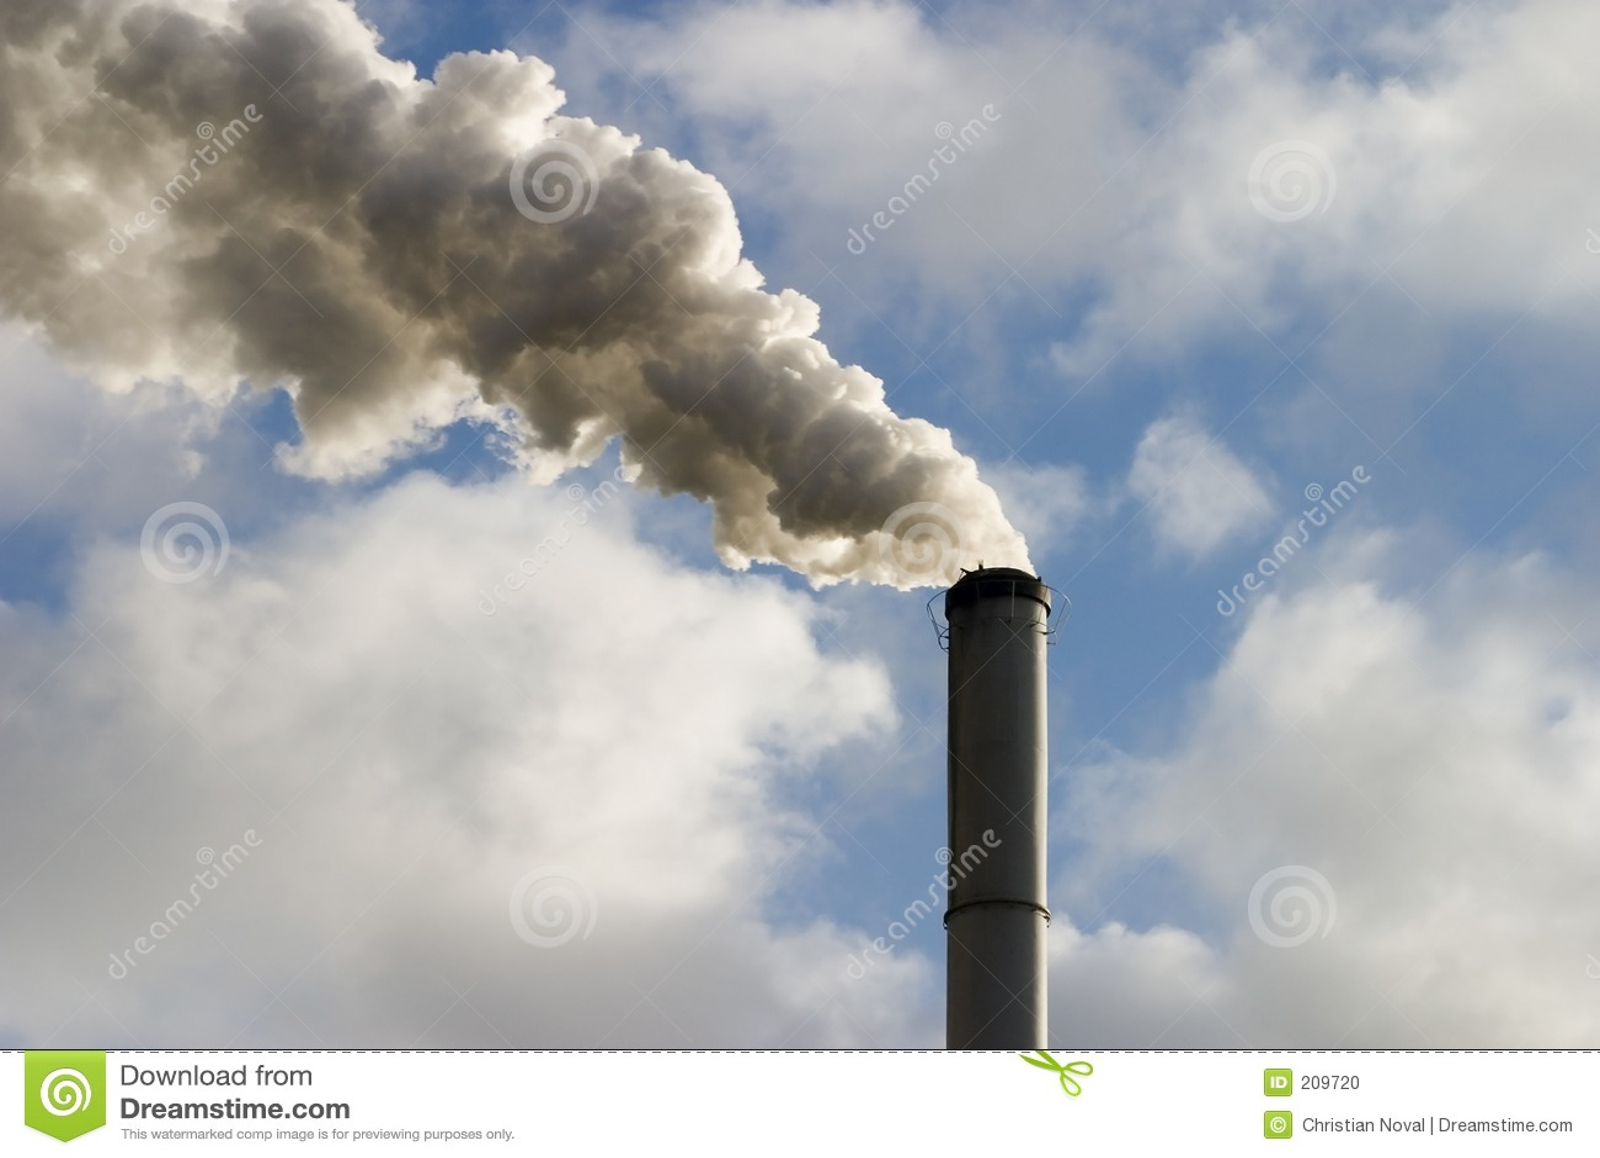 Chimenea y humo foto de archivo imagen 209720 - Fabricantes de chimeneas ...